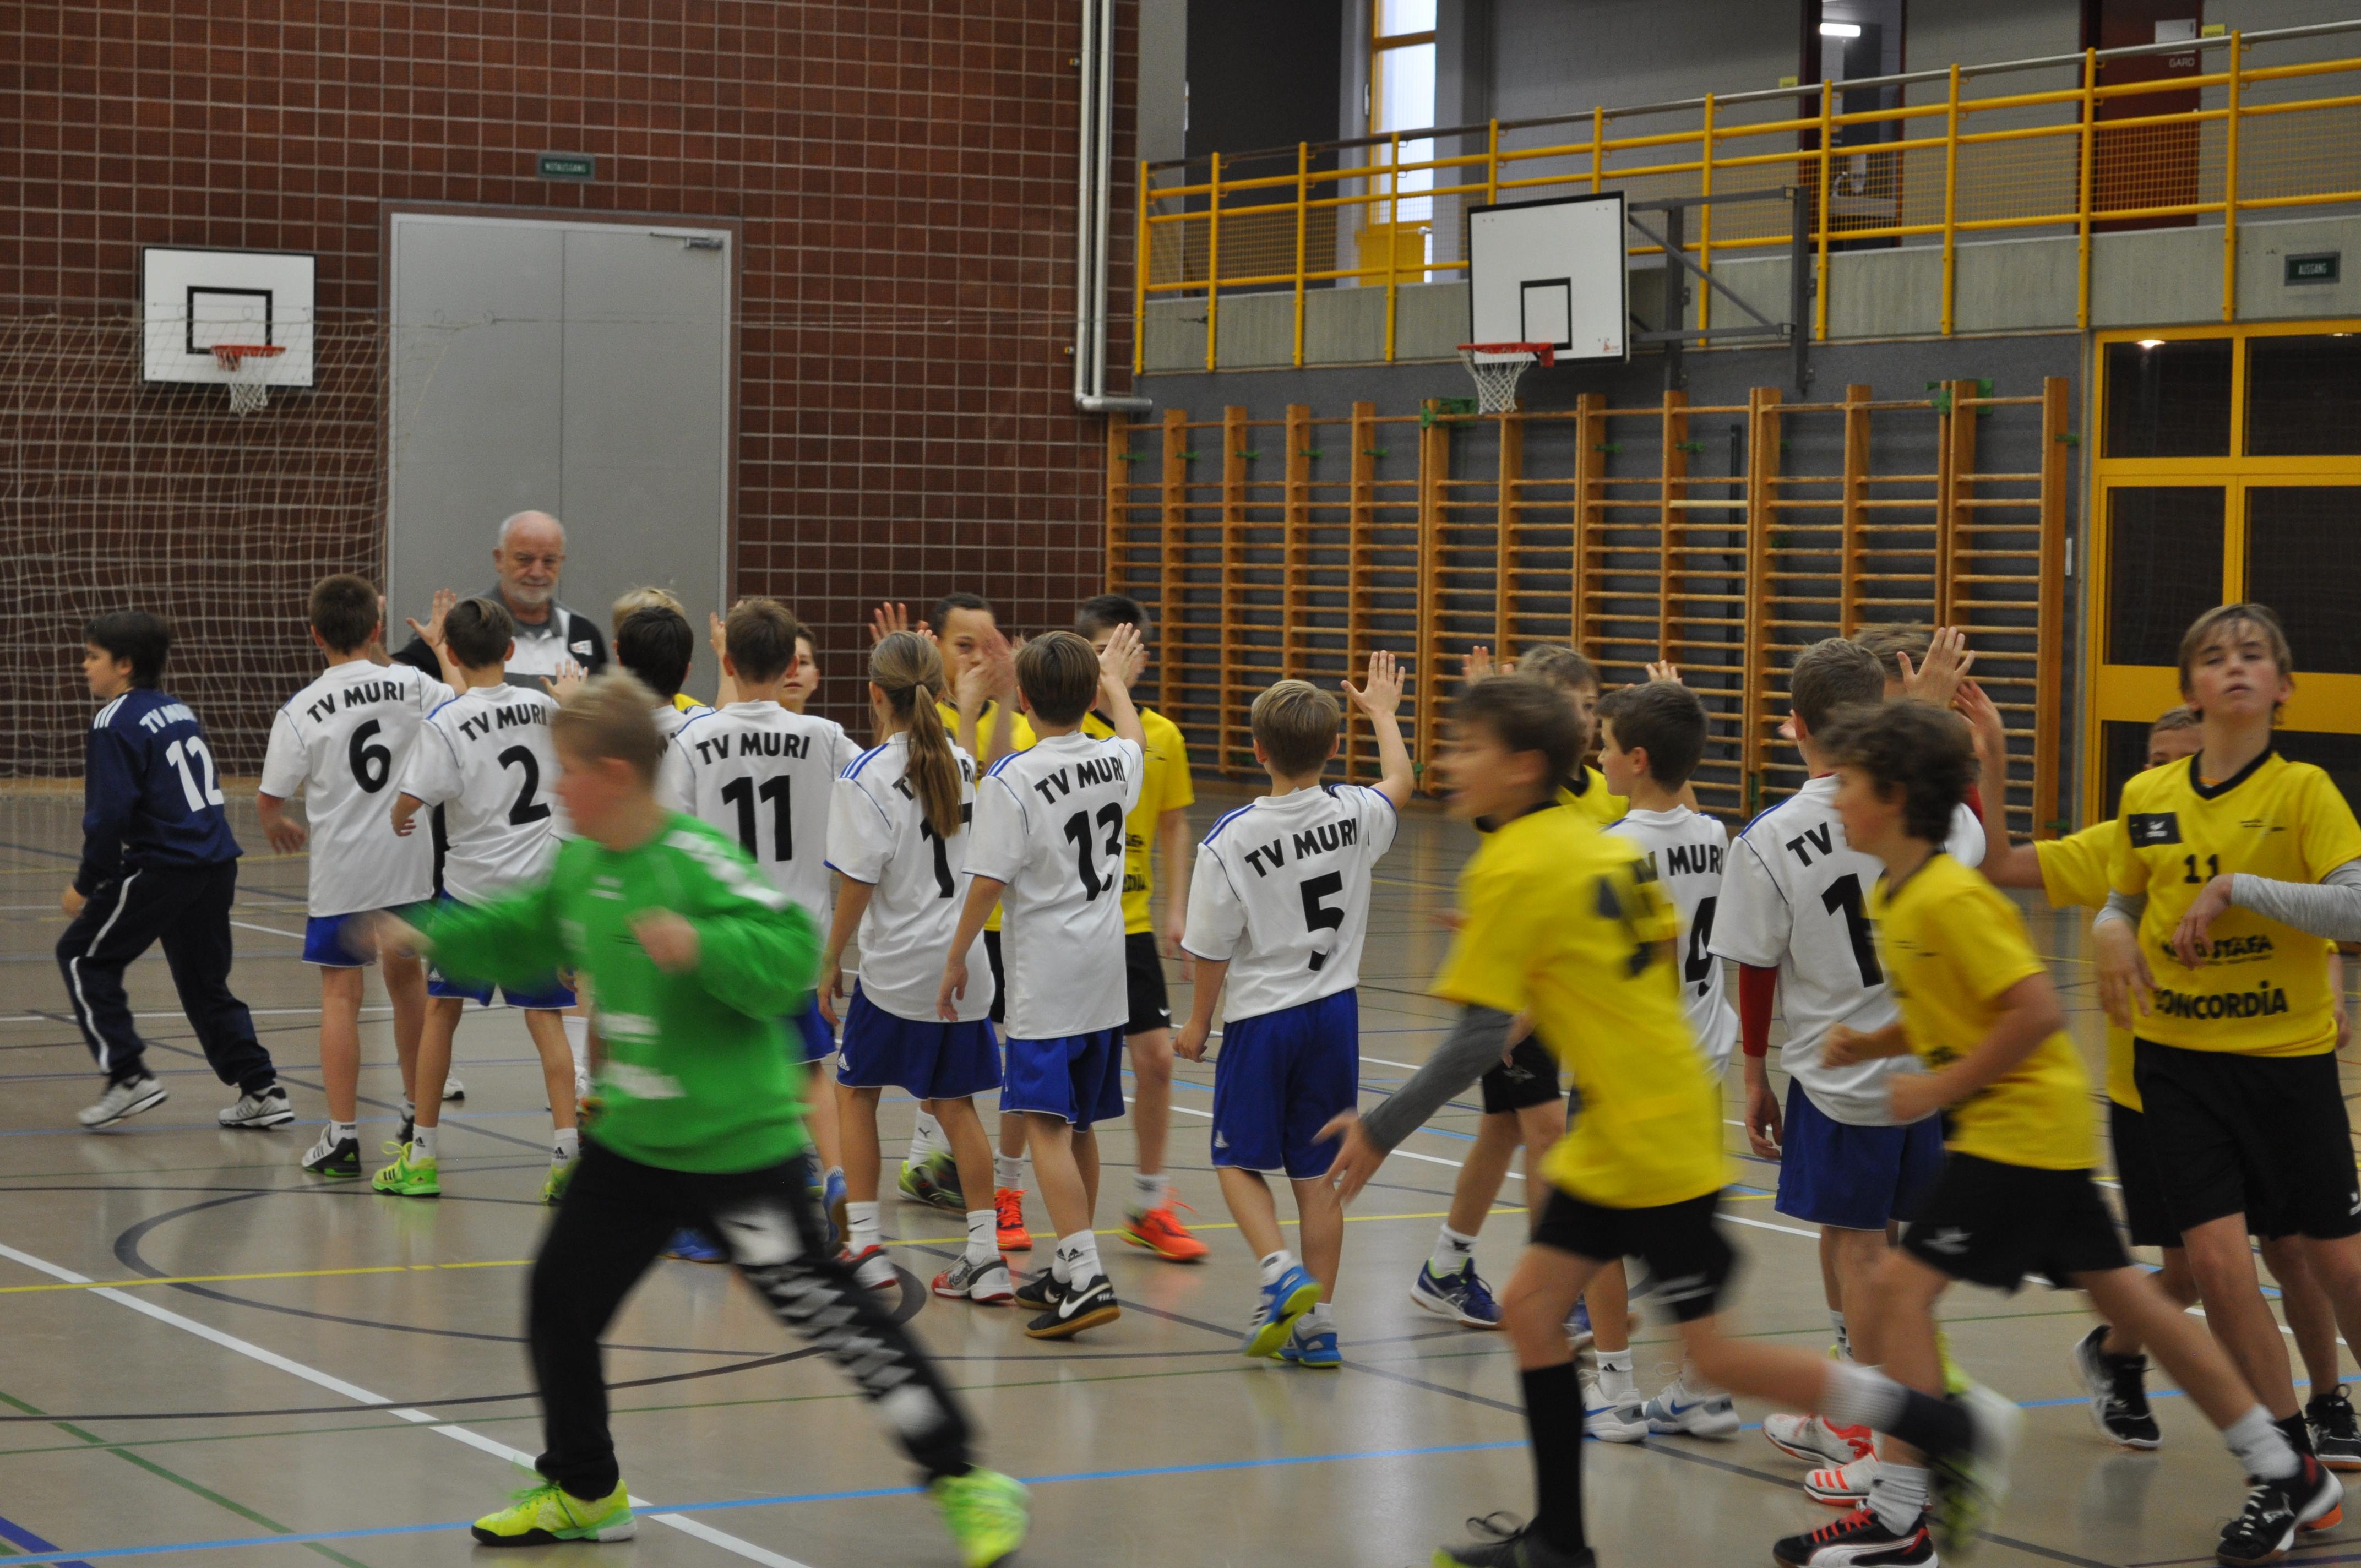 U13: TVM - Stäfa